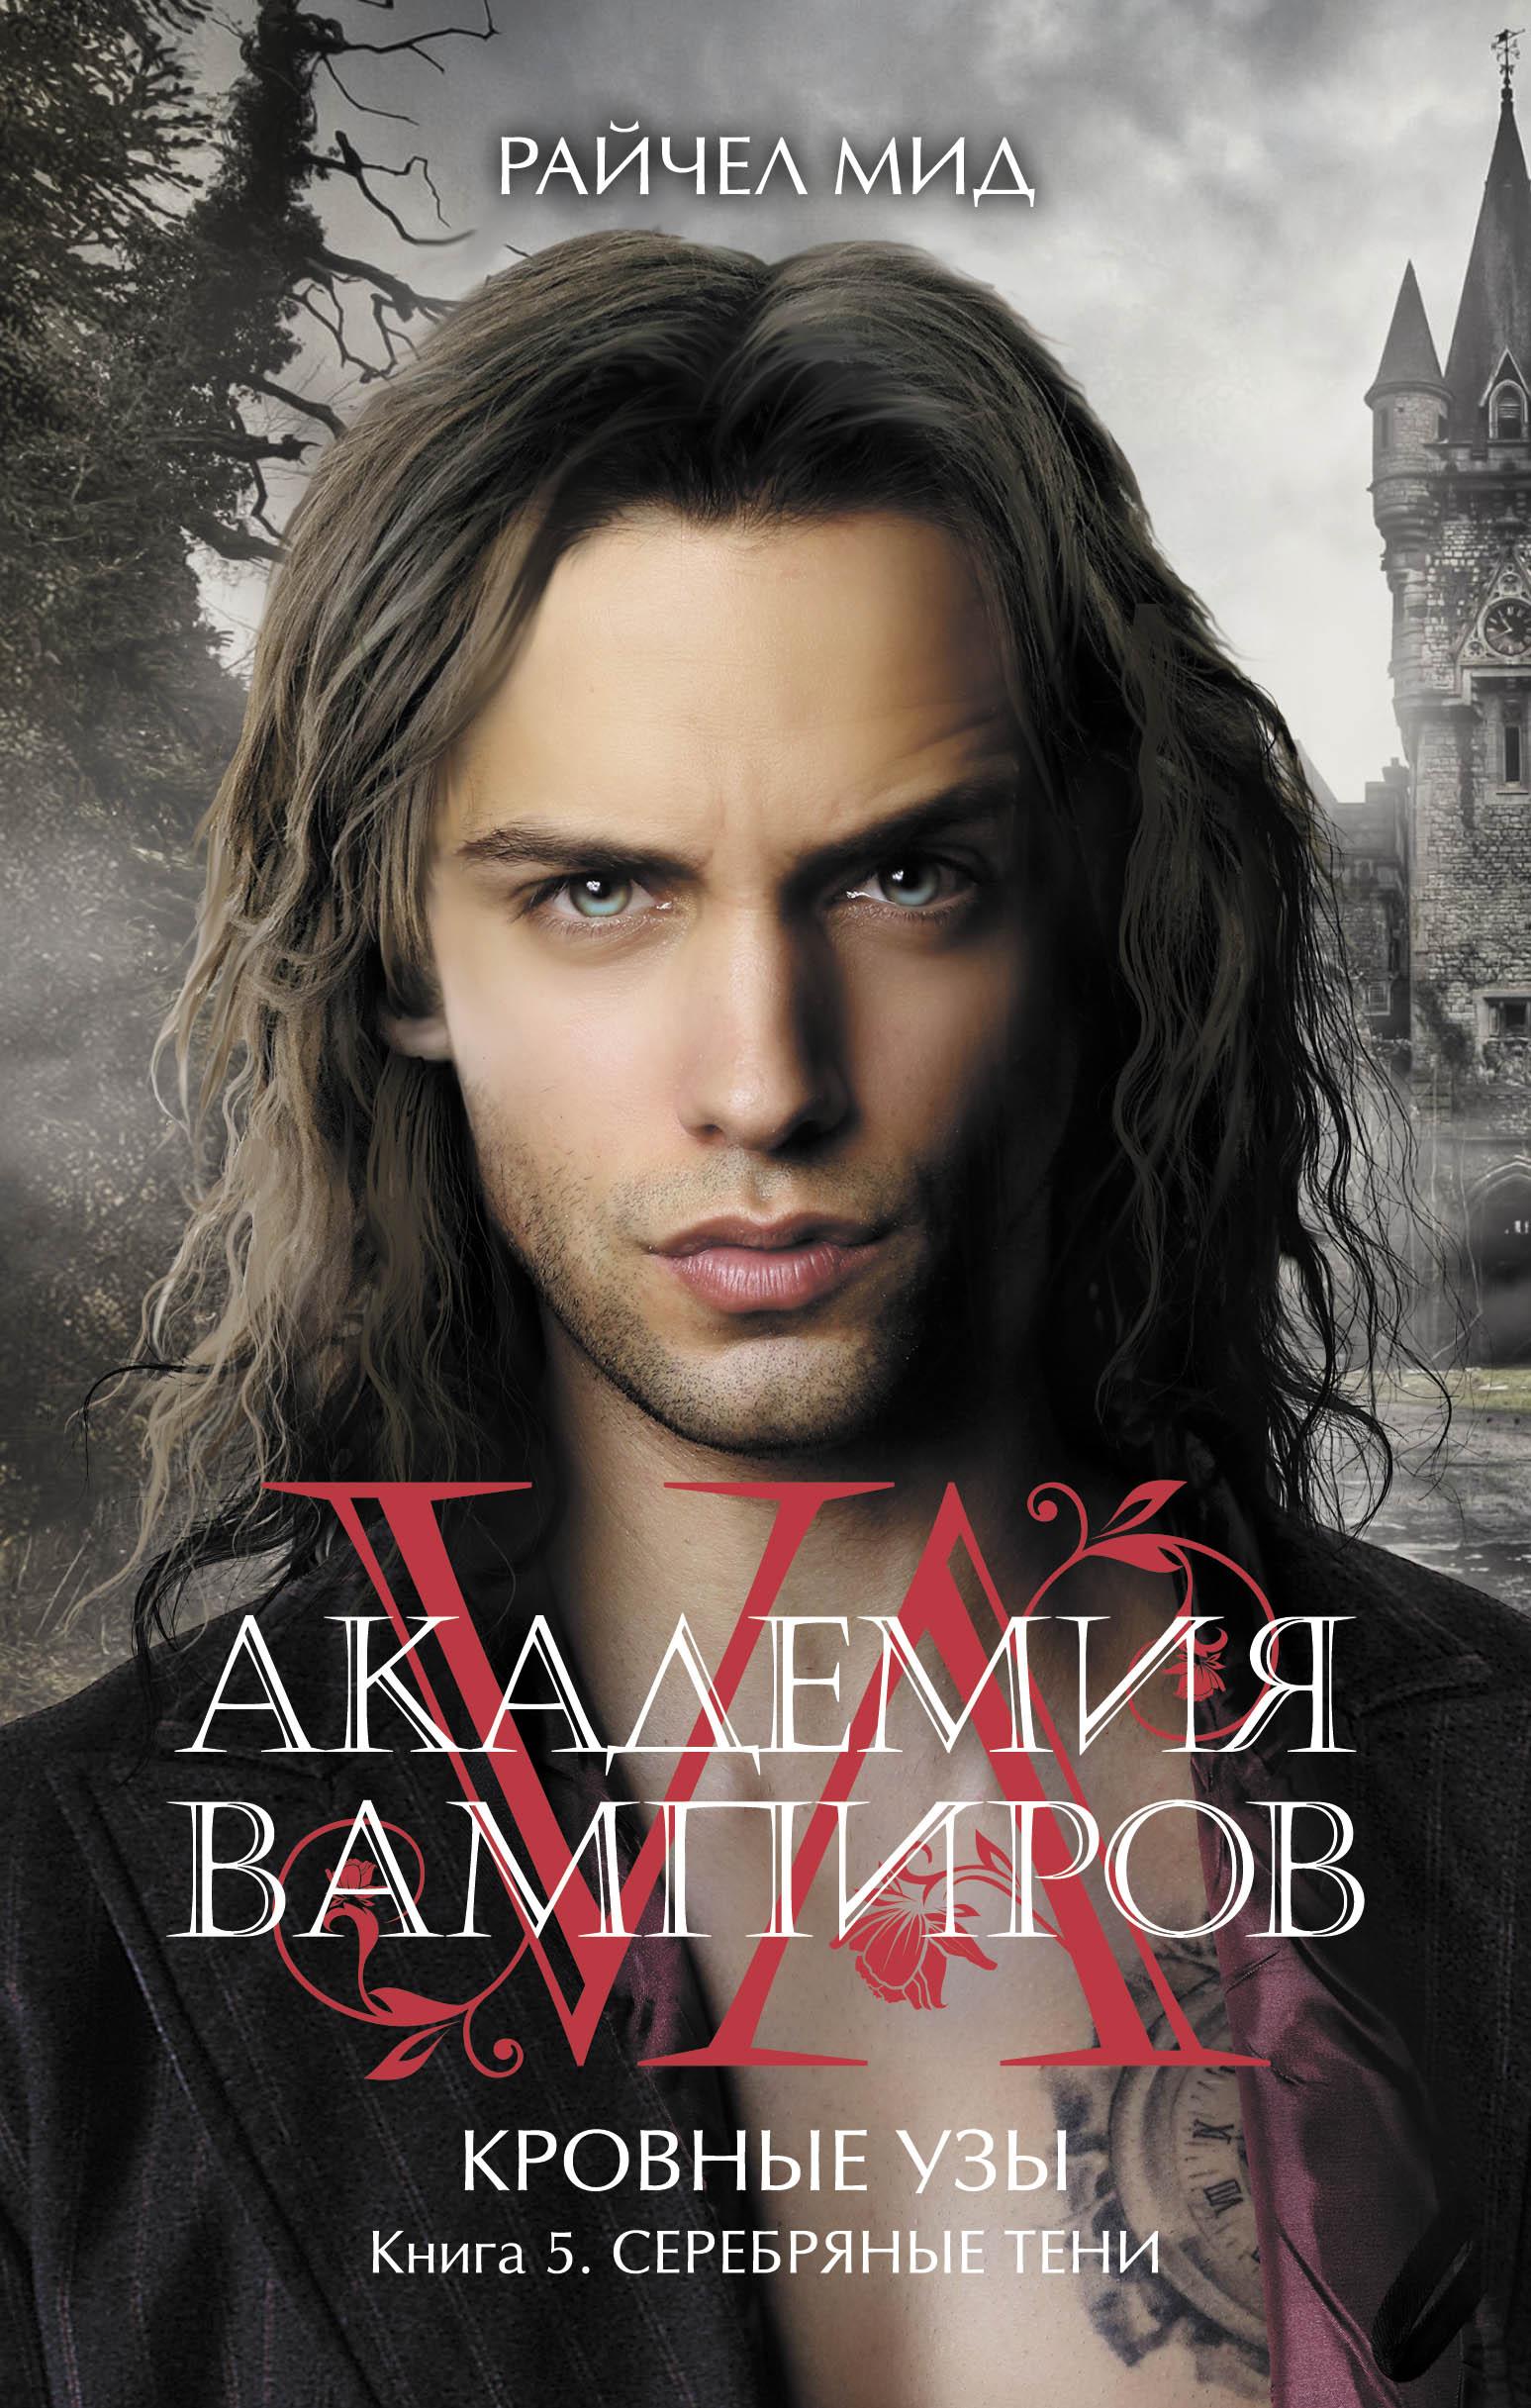 Академия вампиров. Кровные узы. Книга 5. Серебряные тени